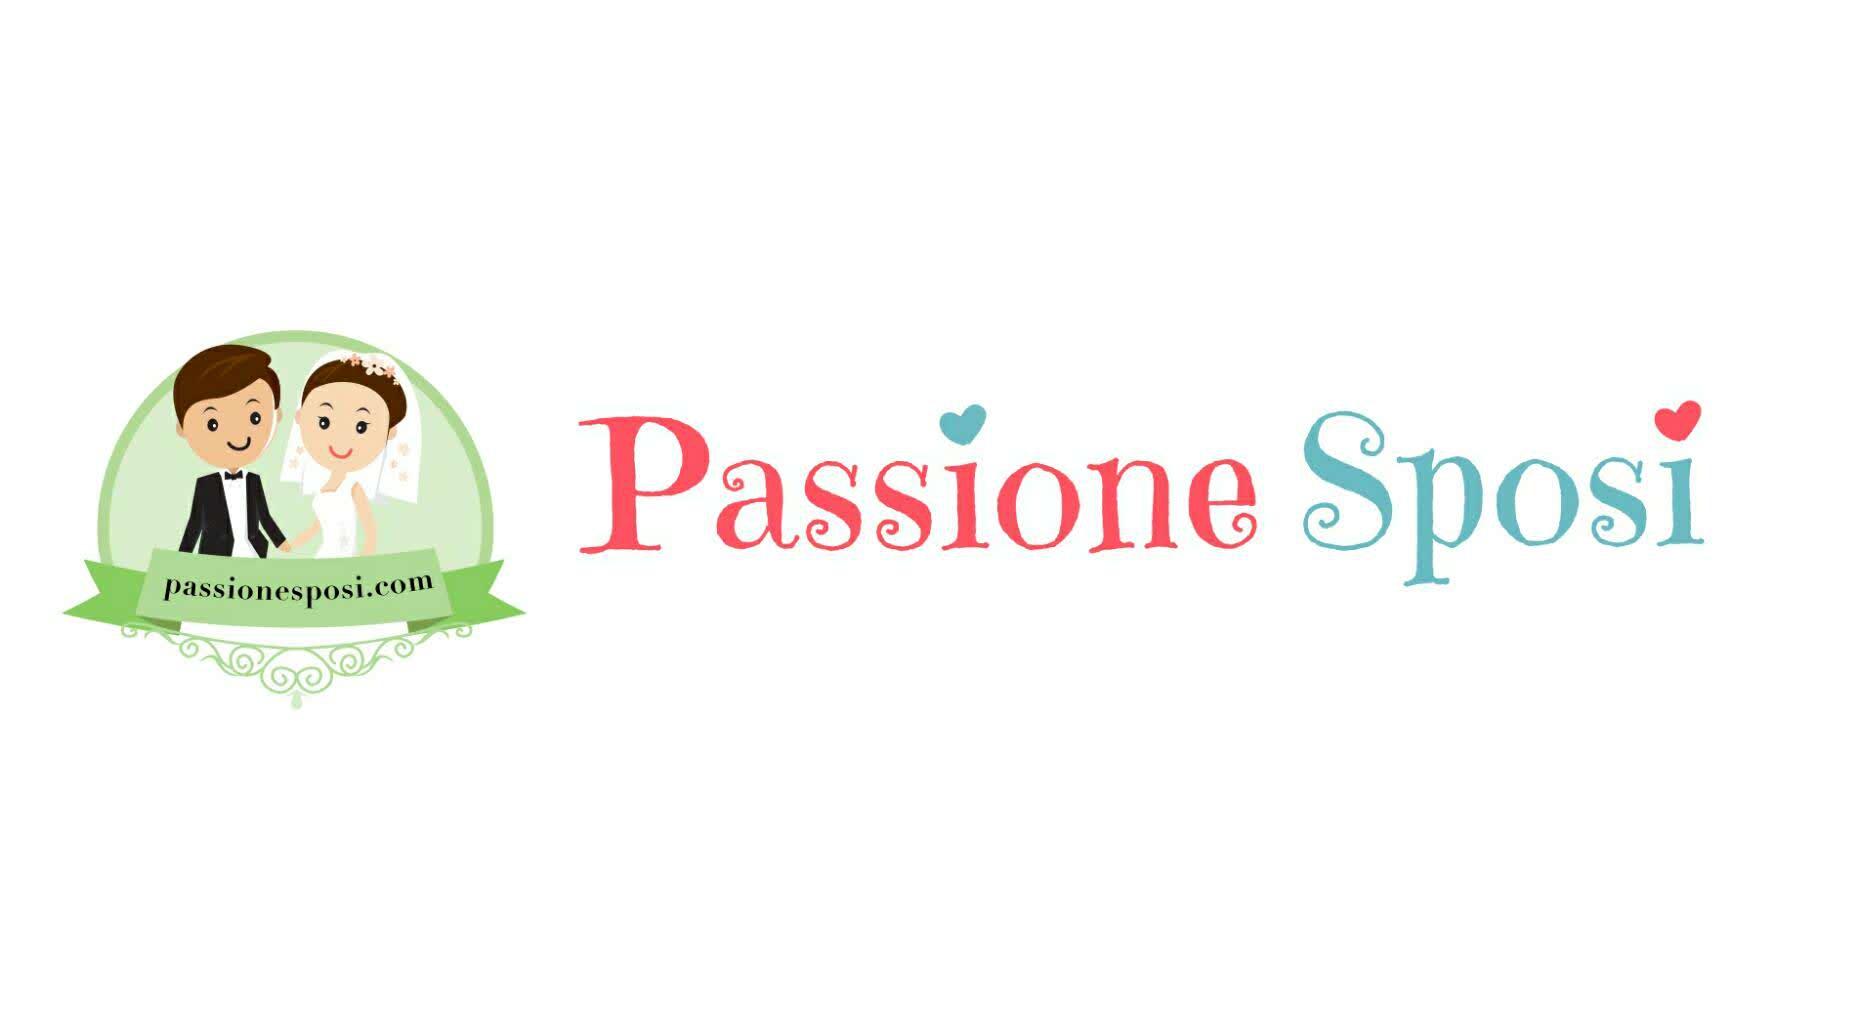 passione sposi